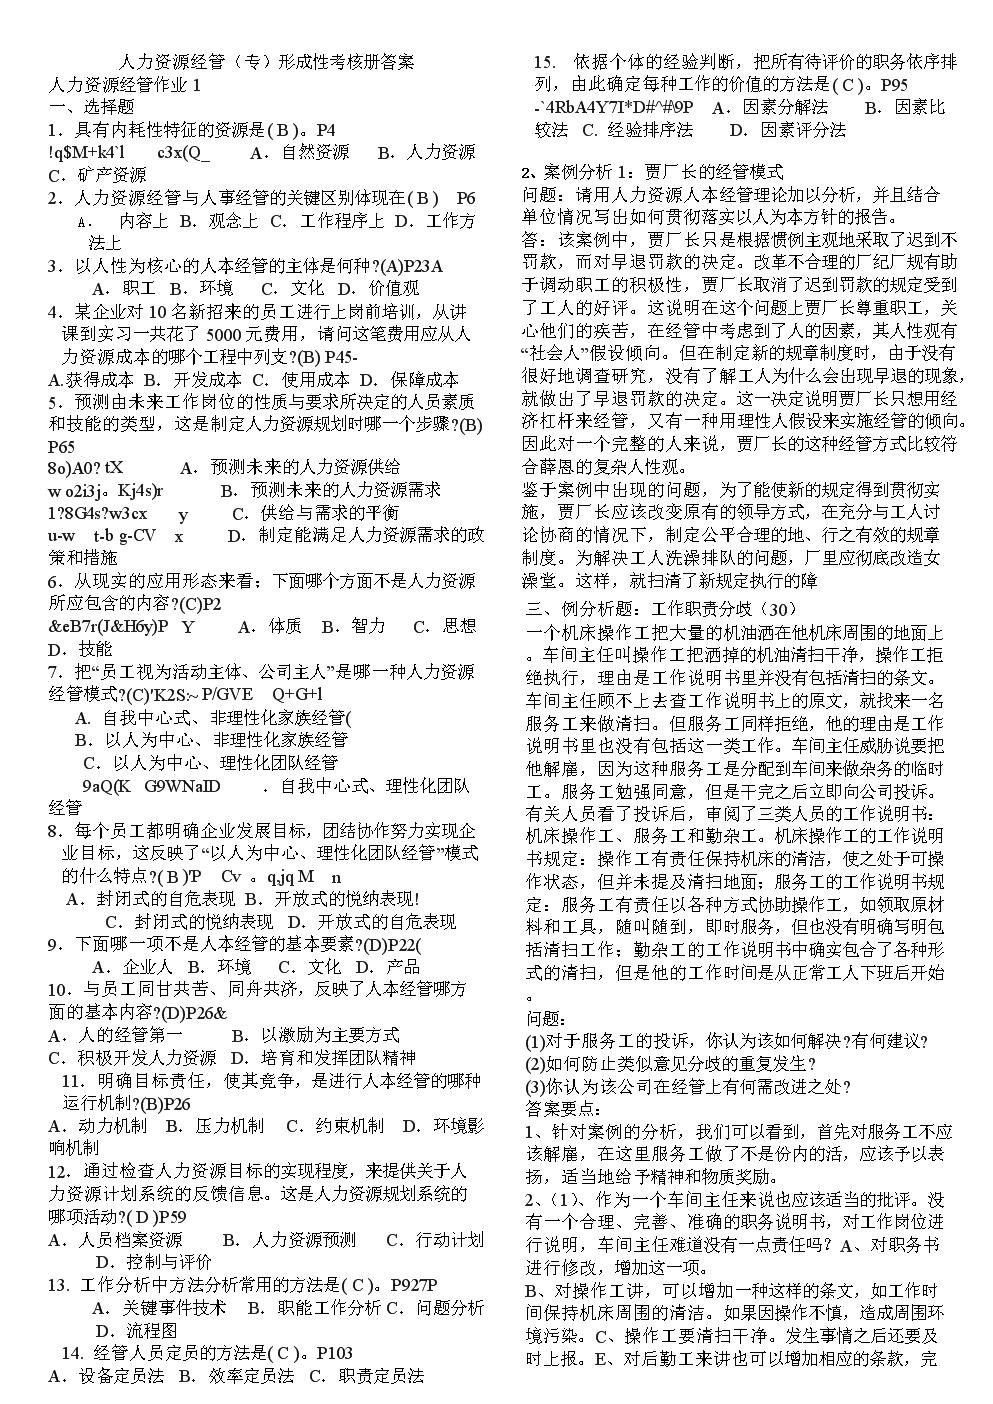 人力资源经管专形成性考核册标准答案].doc